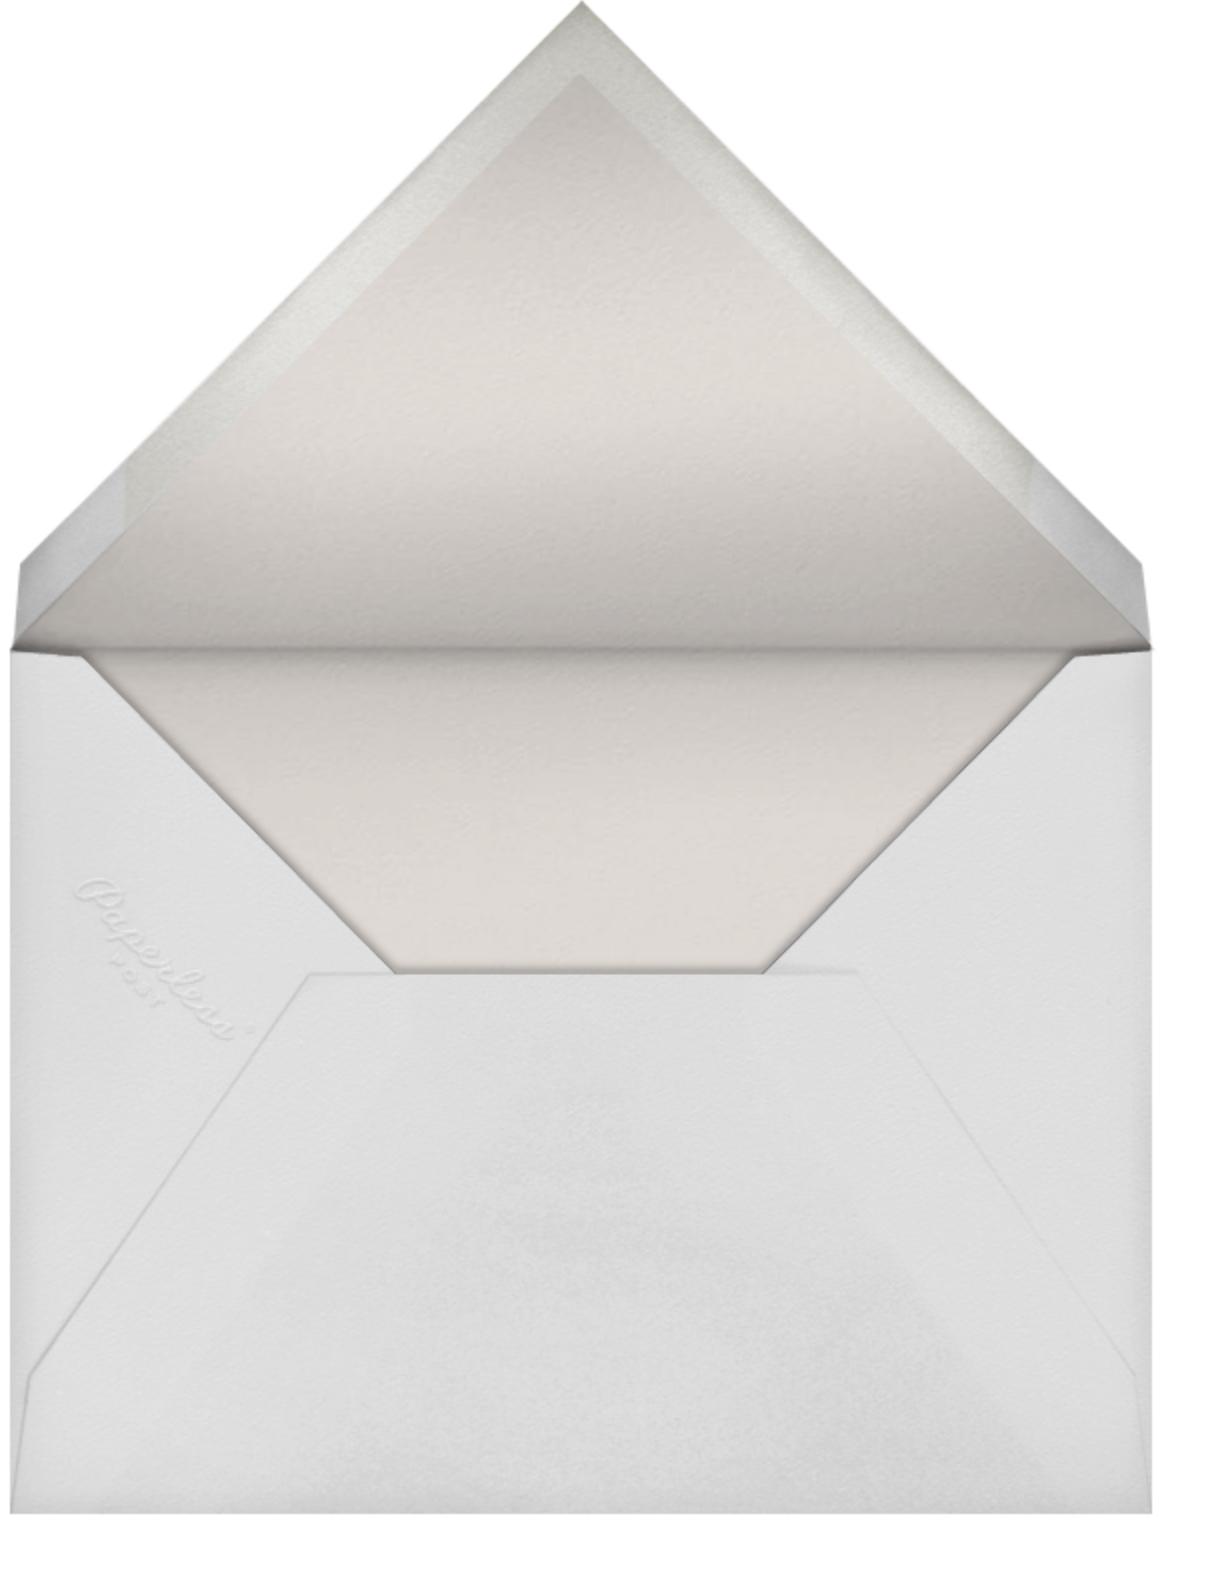 Charlotte Street II (Invitation) - Gray - kate spade new york - All - envelope back